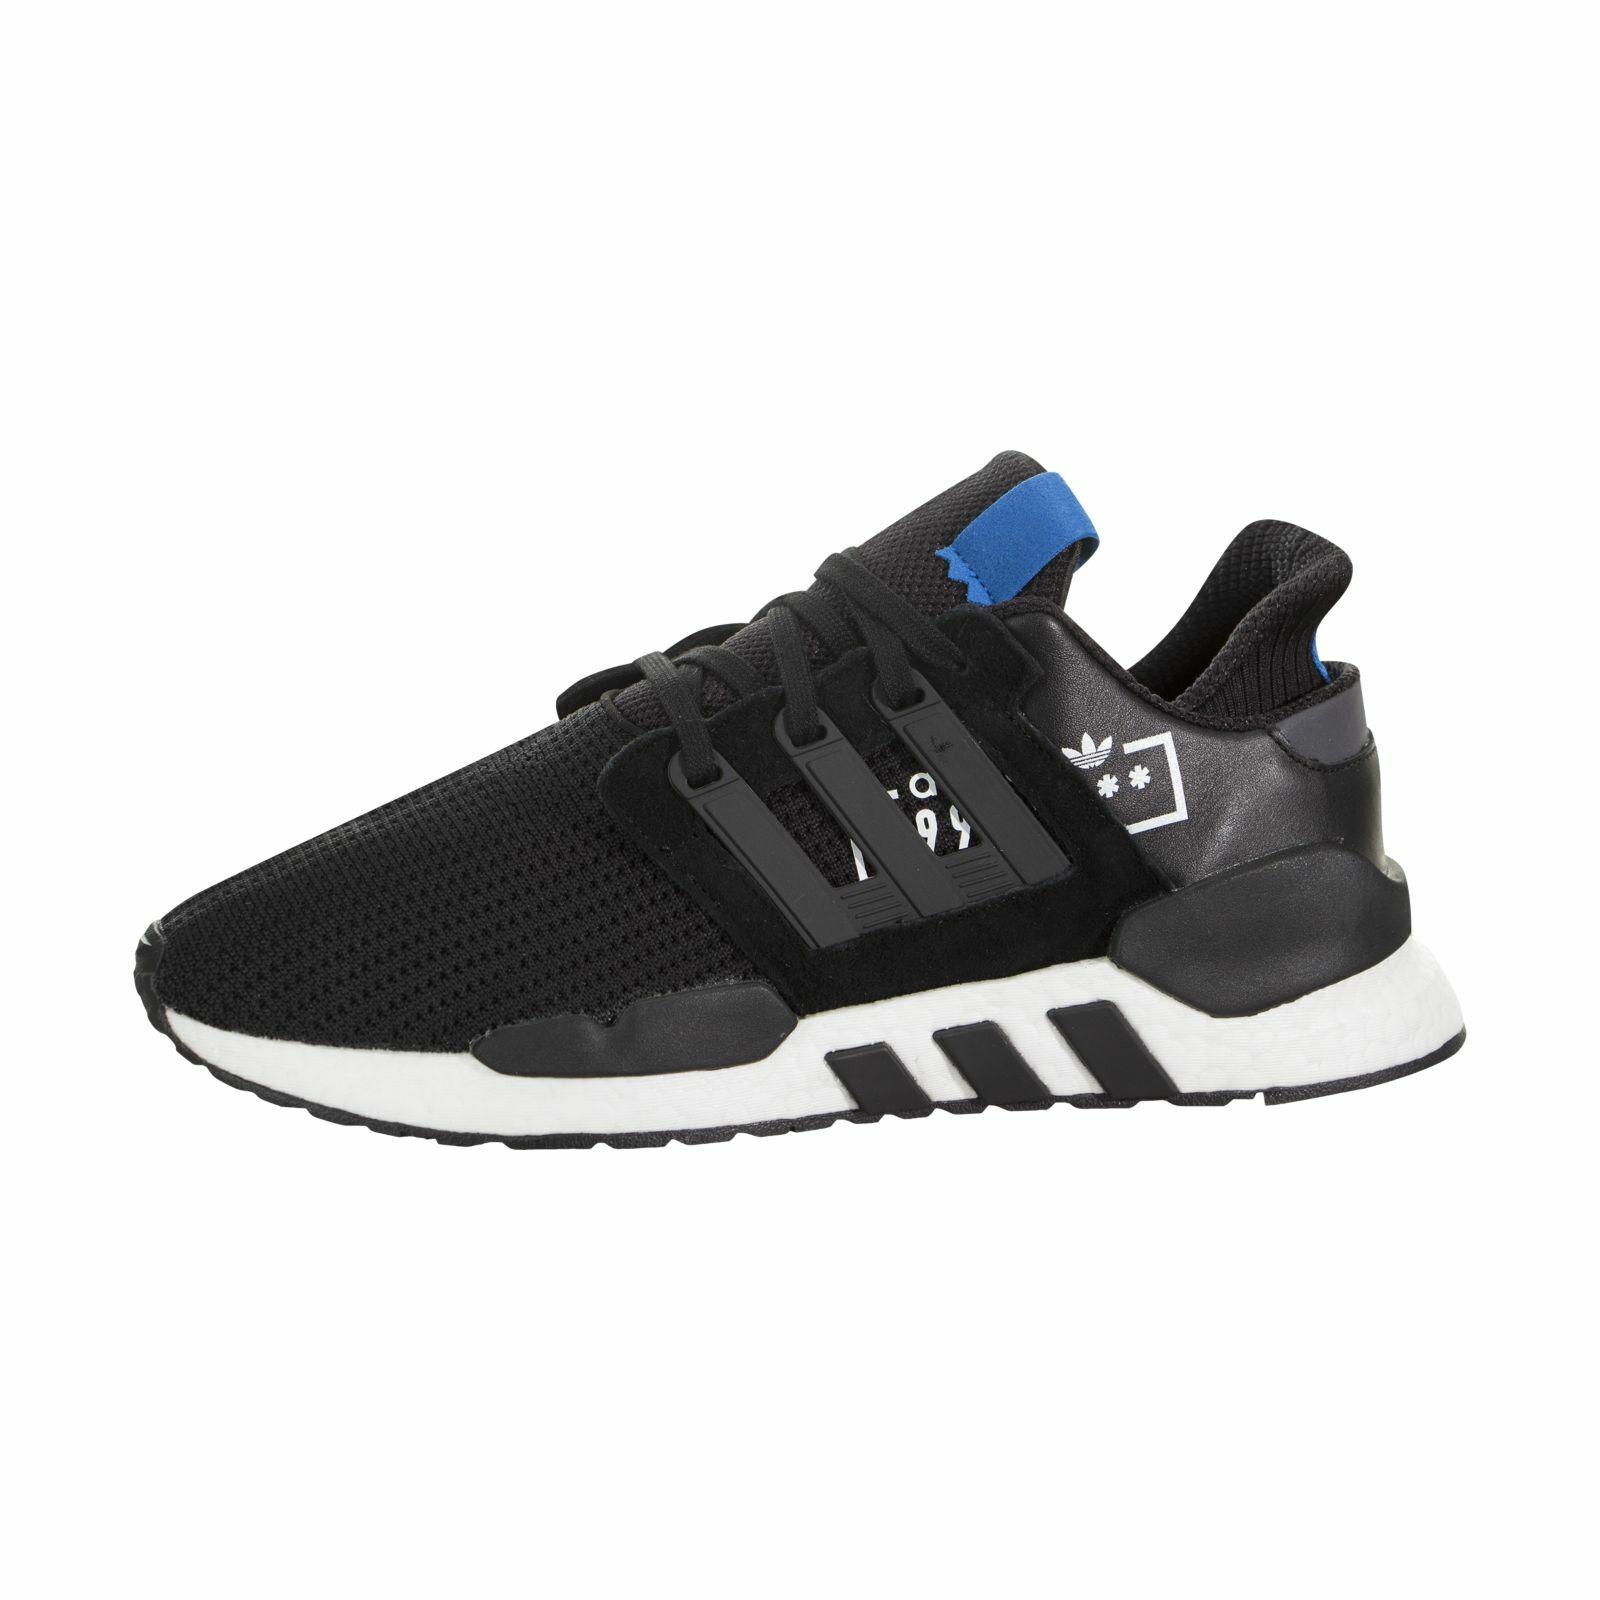 Adidas EQT Support 91 18 d97061